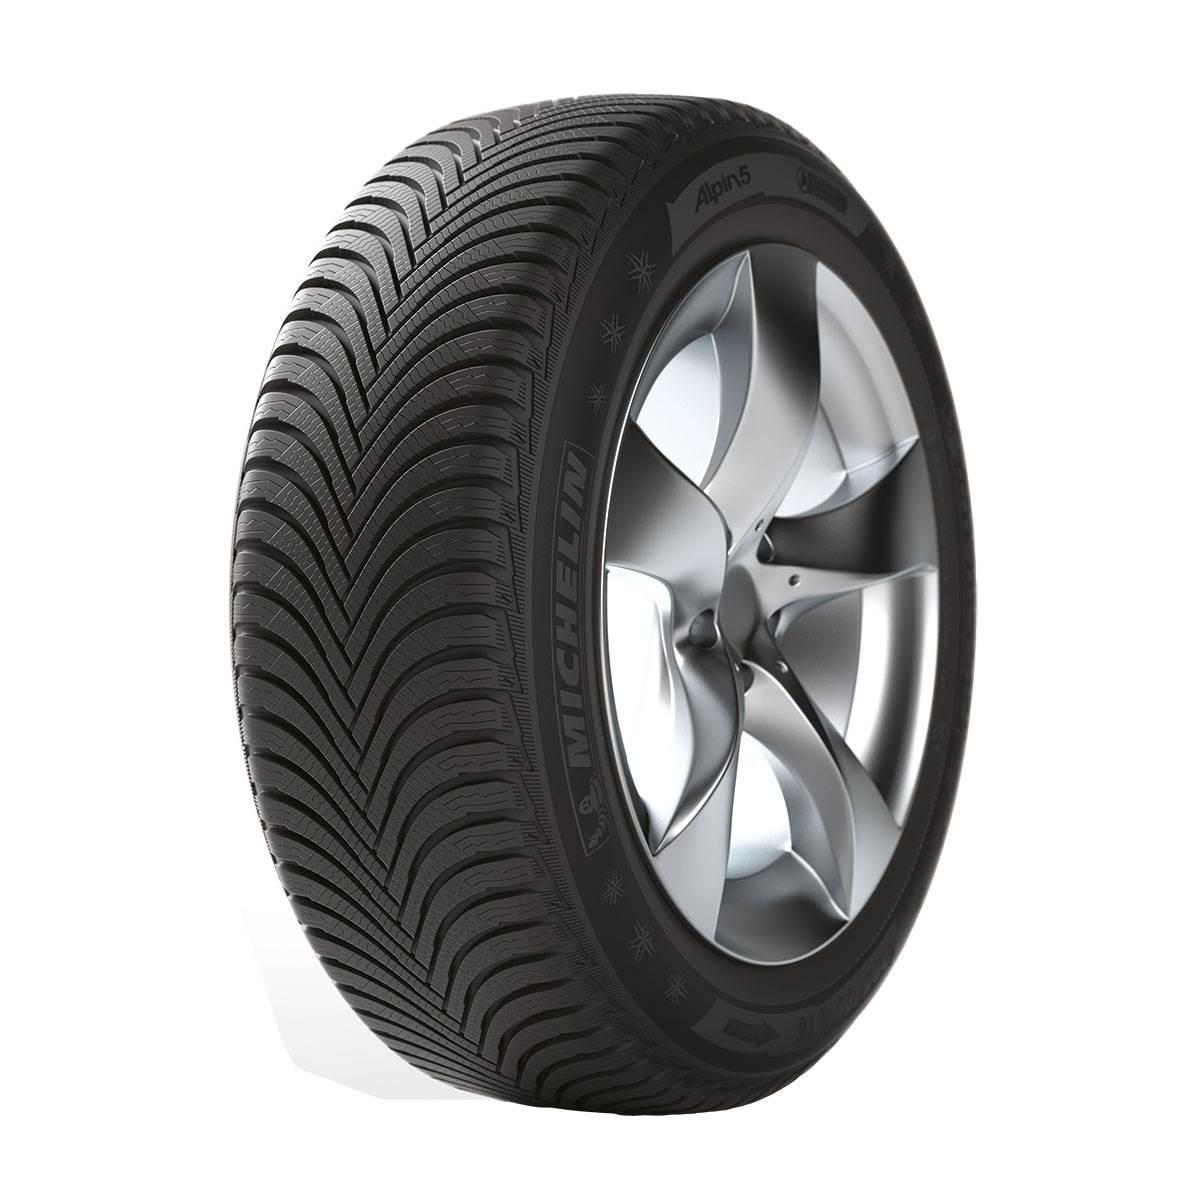 Pneu Hiver Michelin 225/55R17 97H Alpin A5